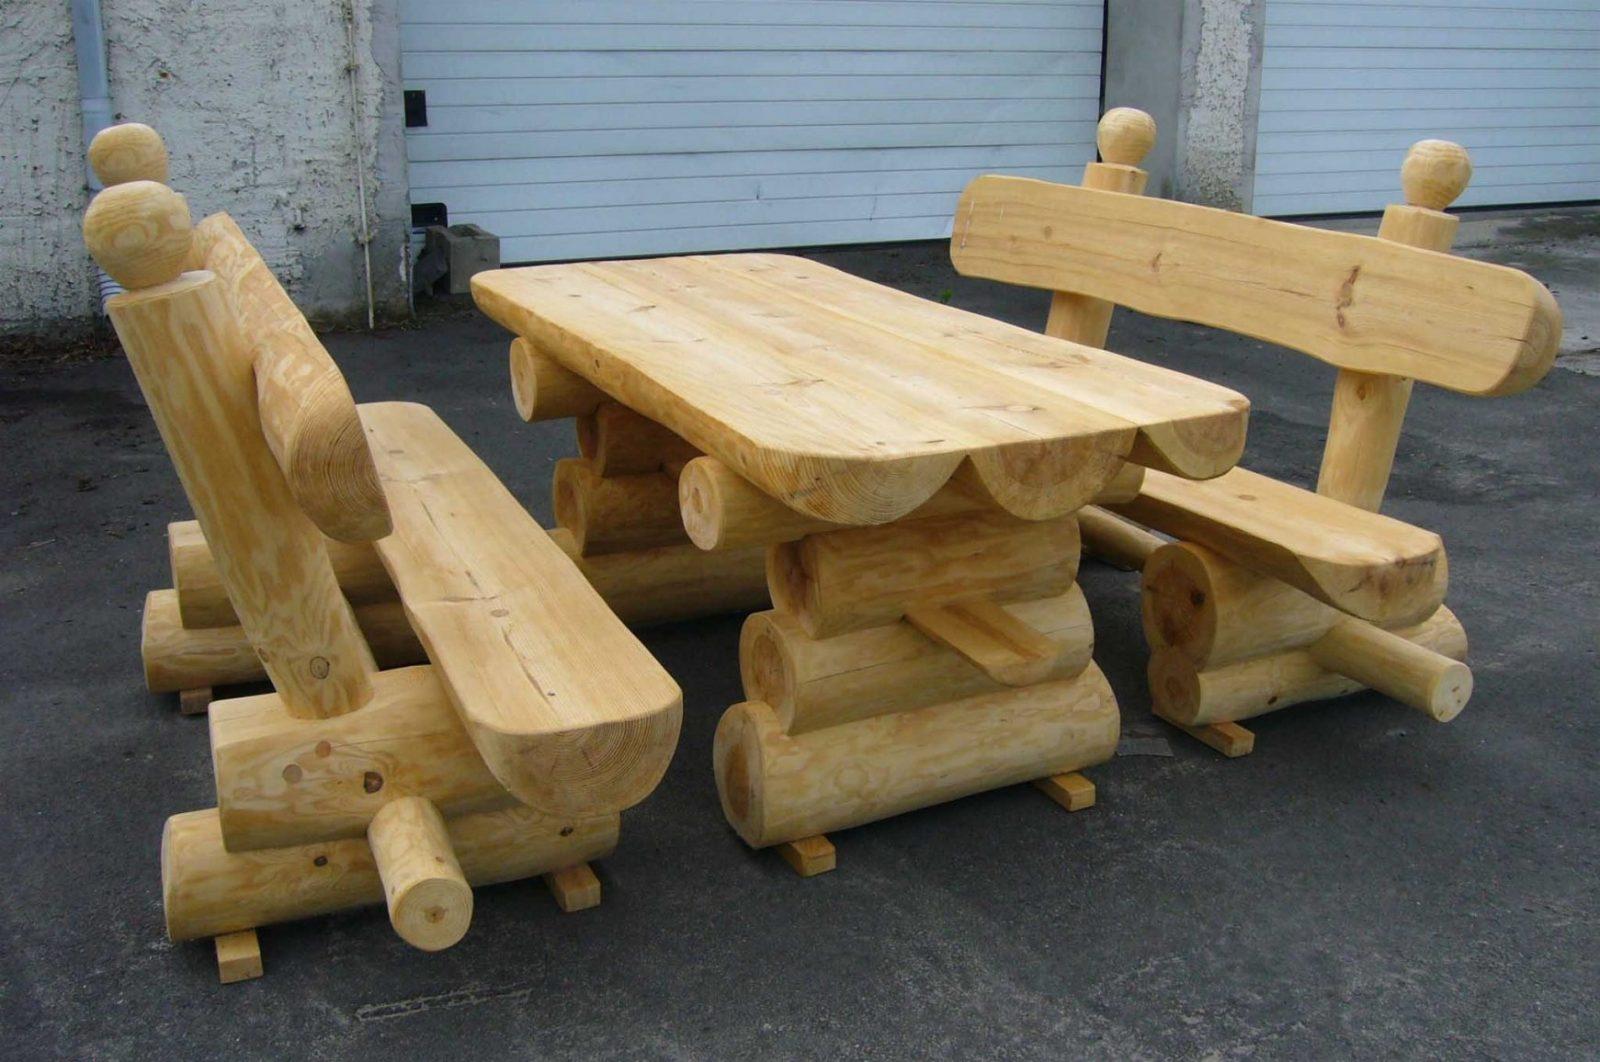 Gartentisch Holz Massiv Rustikal Ist Tolle Konzept Von Gartentisch von Gartentisch Holz Massiv Rustikal Bild